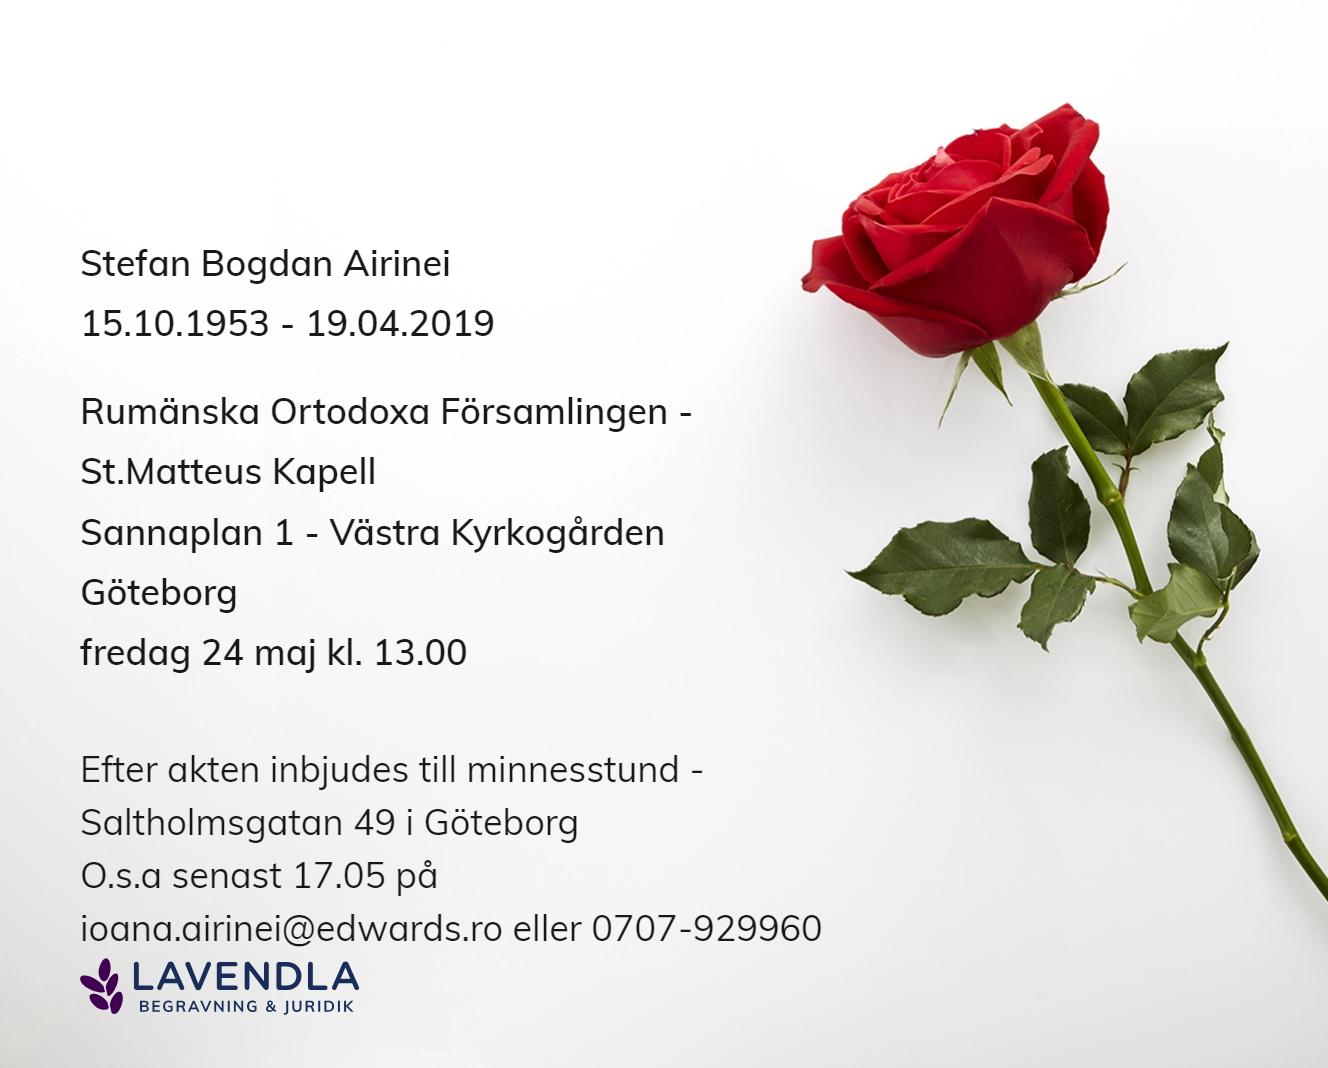 Inbjudningskort till ceremonin för Stefan Bogdan Airinei